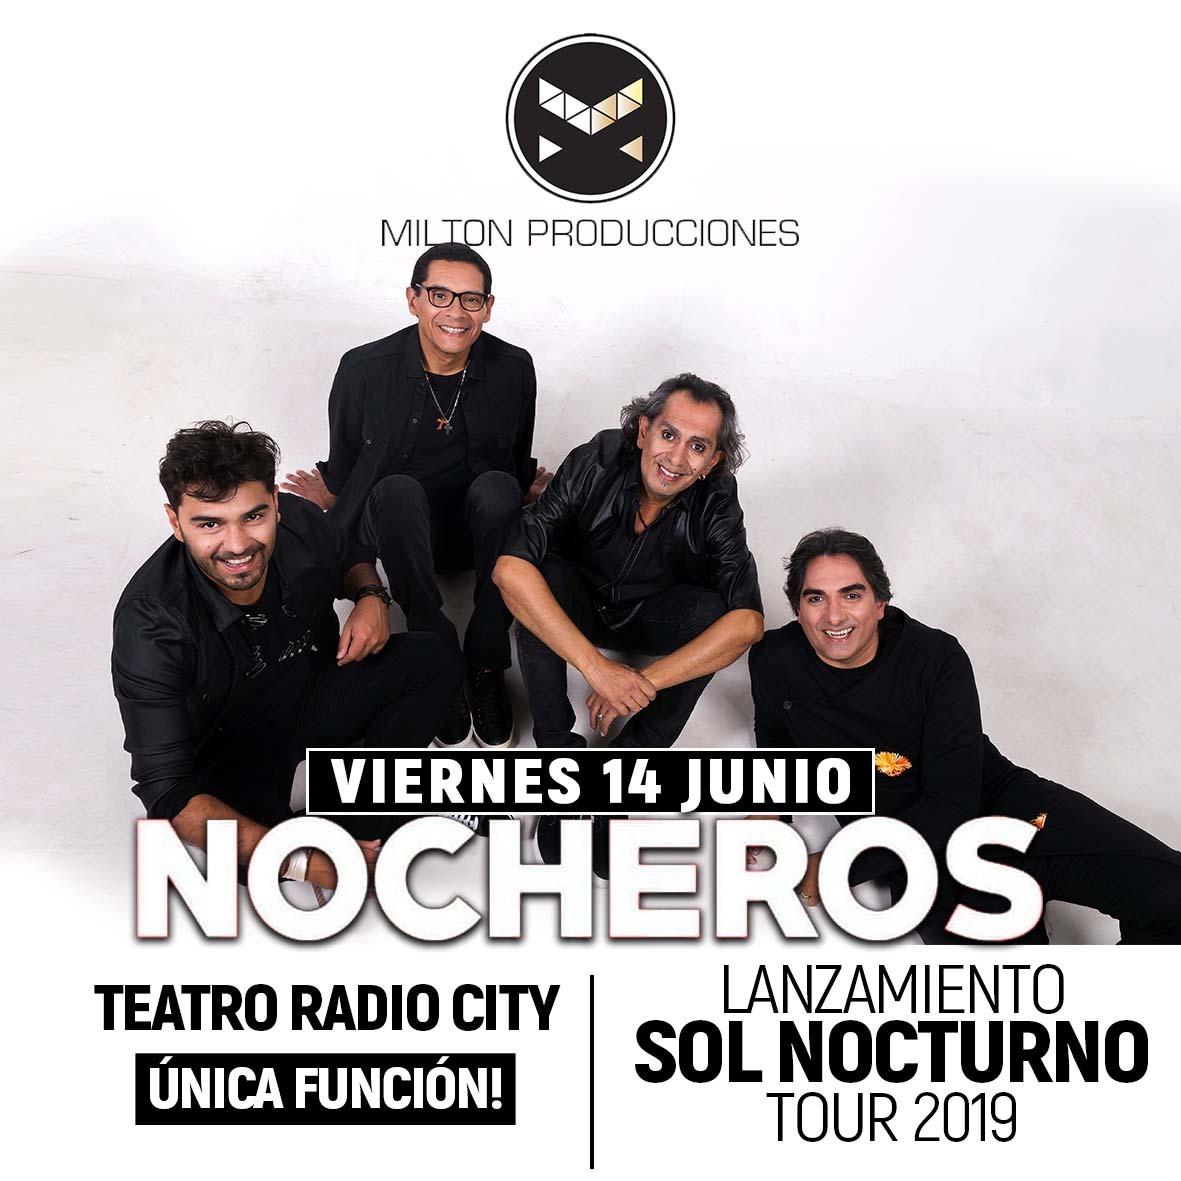 """Los Nocheros presentan en Mar del Plata """"Sol Nocturno Tour 2019"""""""